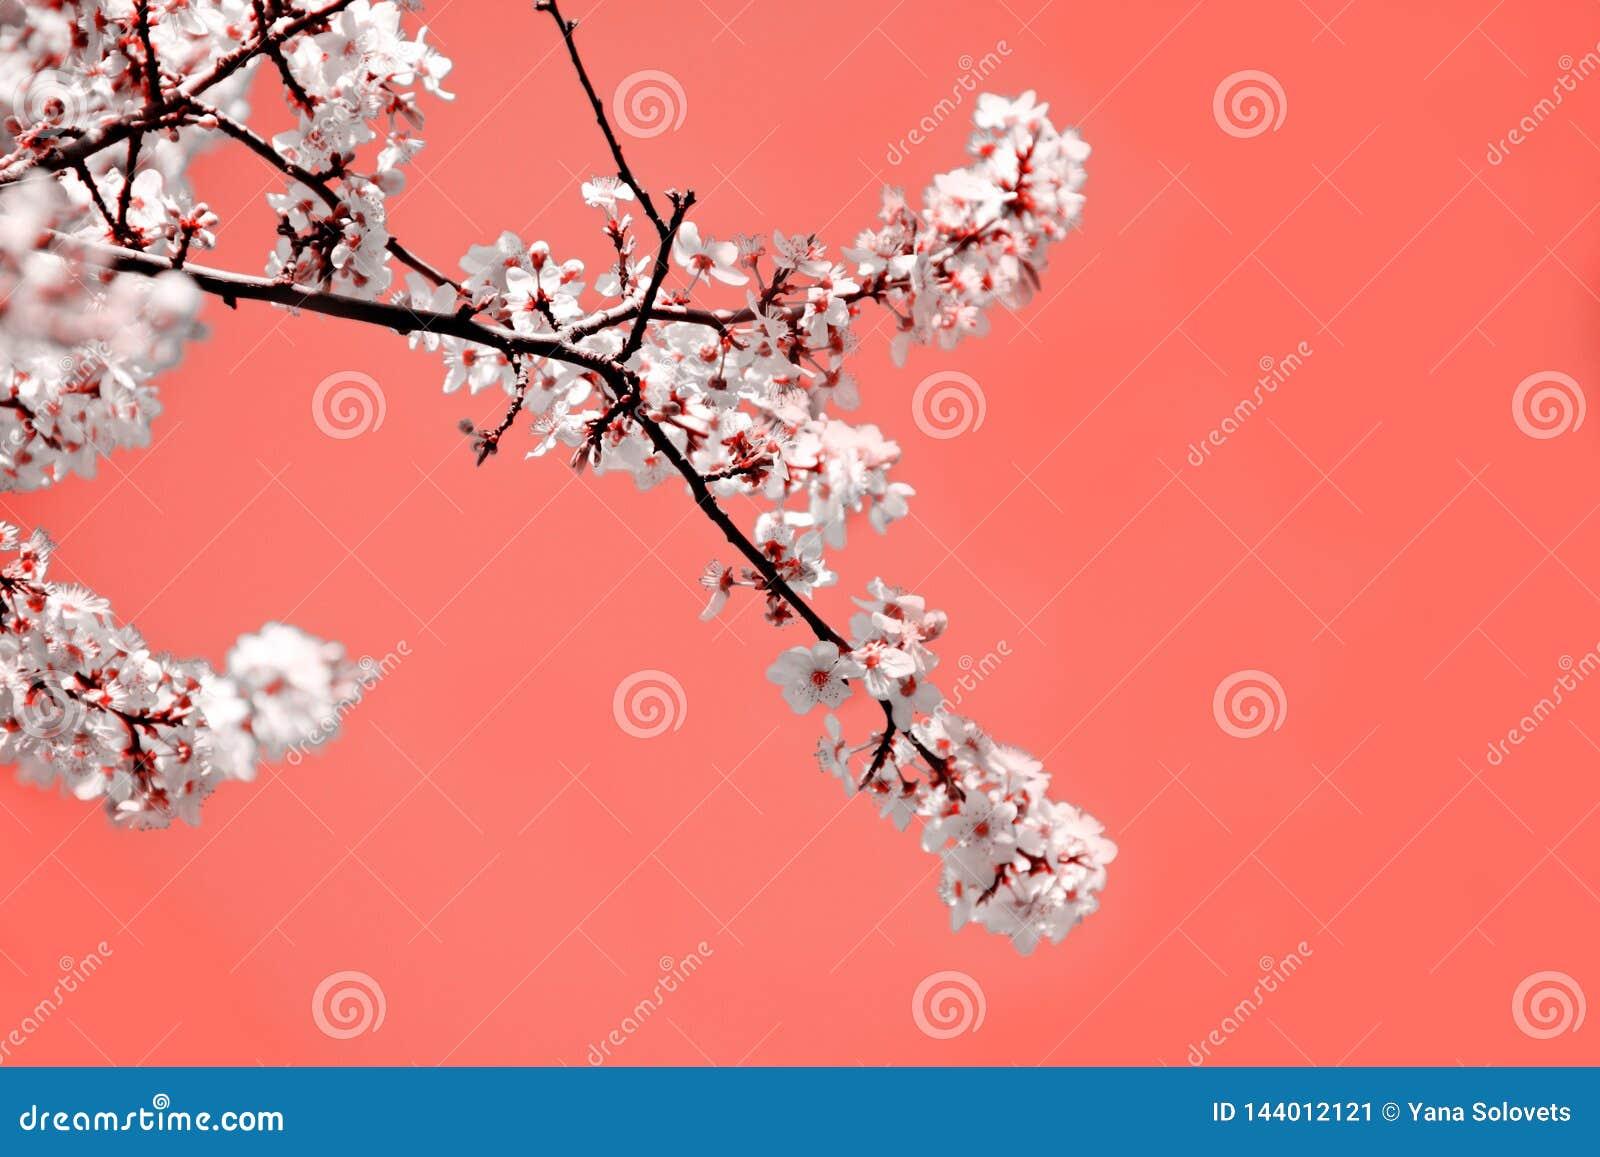 Настроение весны Предпосылка коралла с белыми зацветая цветками вишни на праздники